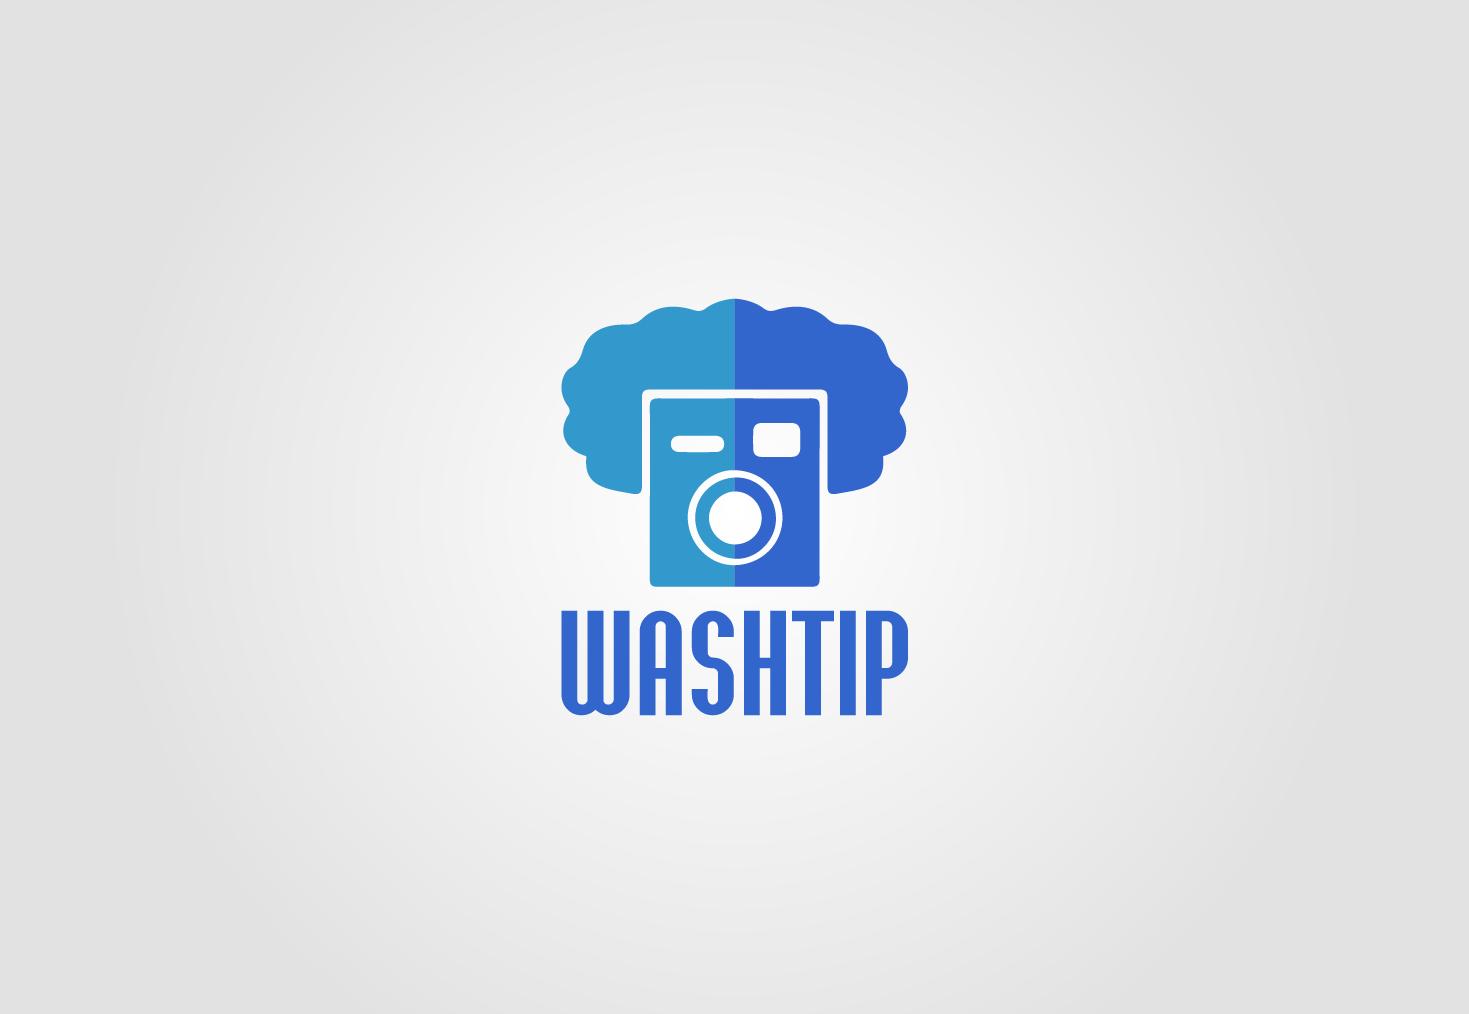 Разработка логотипа для онлайн-сервиса химчистки фото f_5135c0630857a689.png